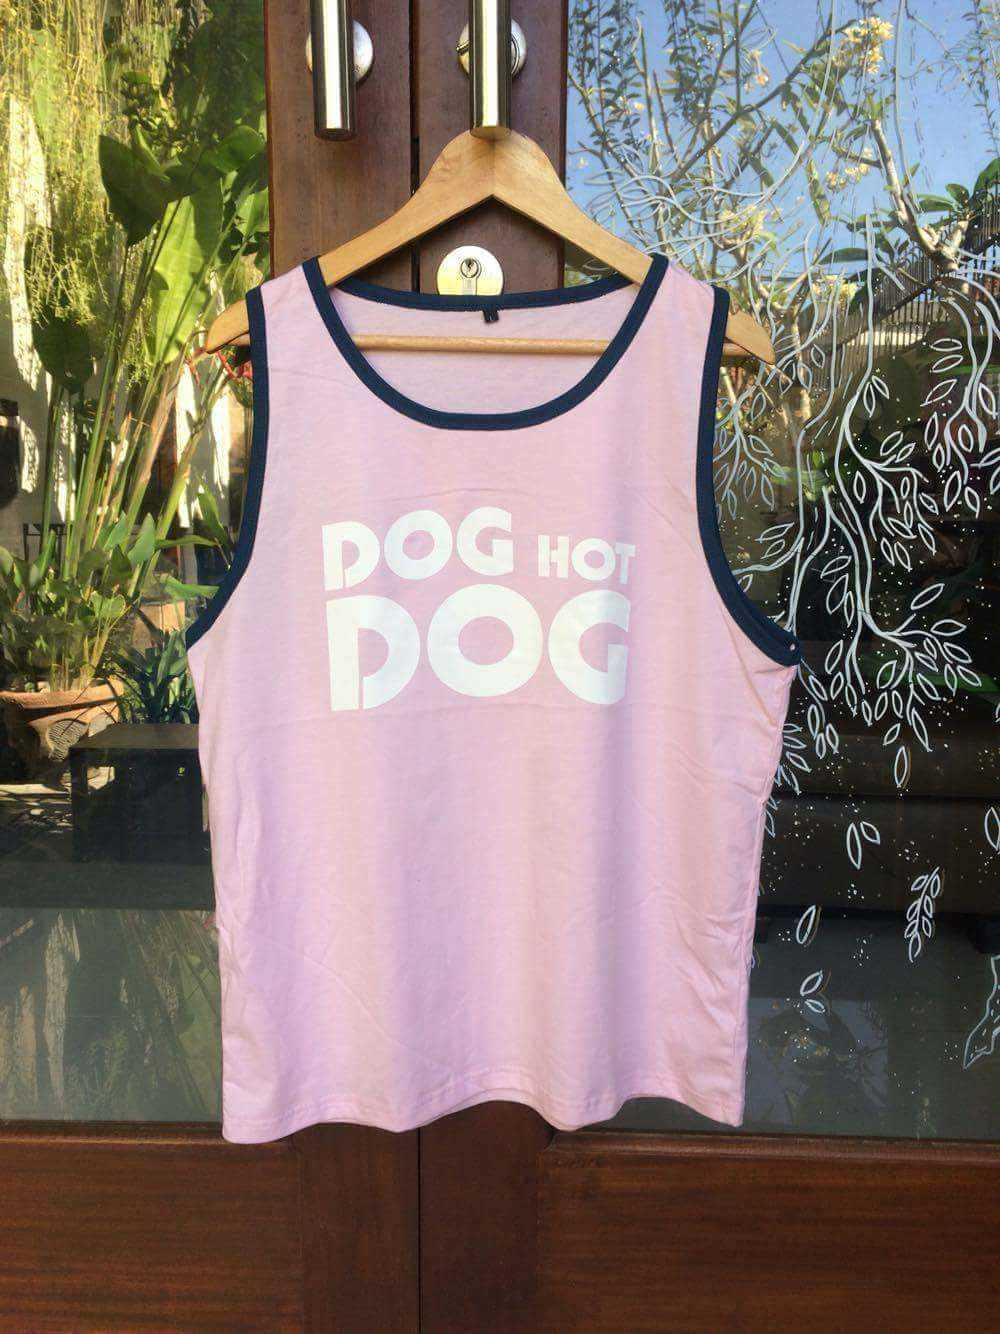 Marcel Film Camping Dog Hot Dog